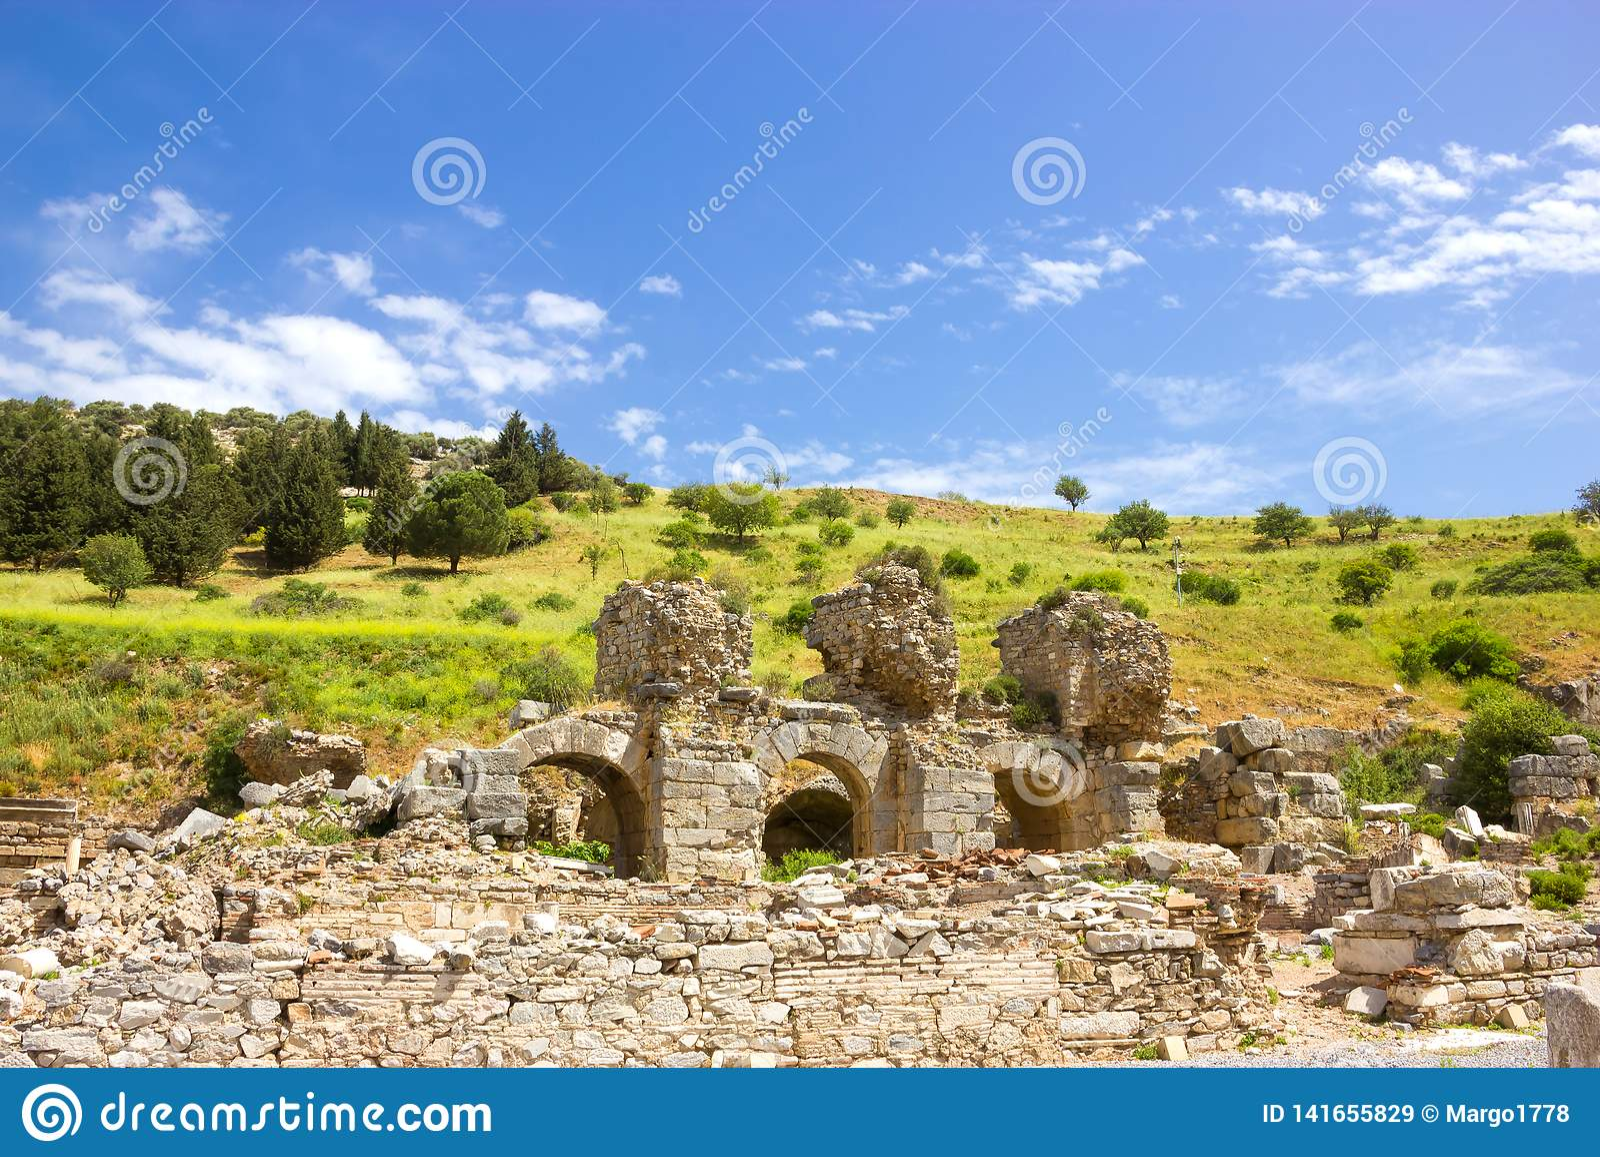 Ruinas de la ciudad antigua de Ephesus en Turquía